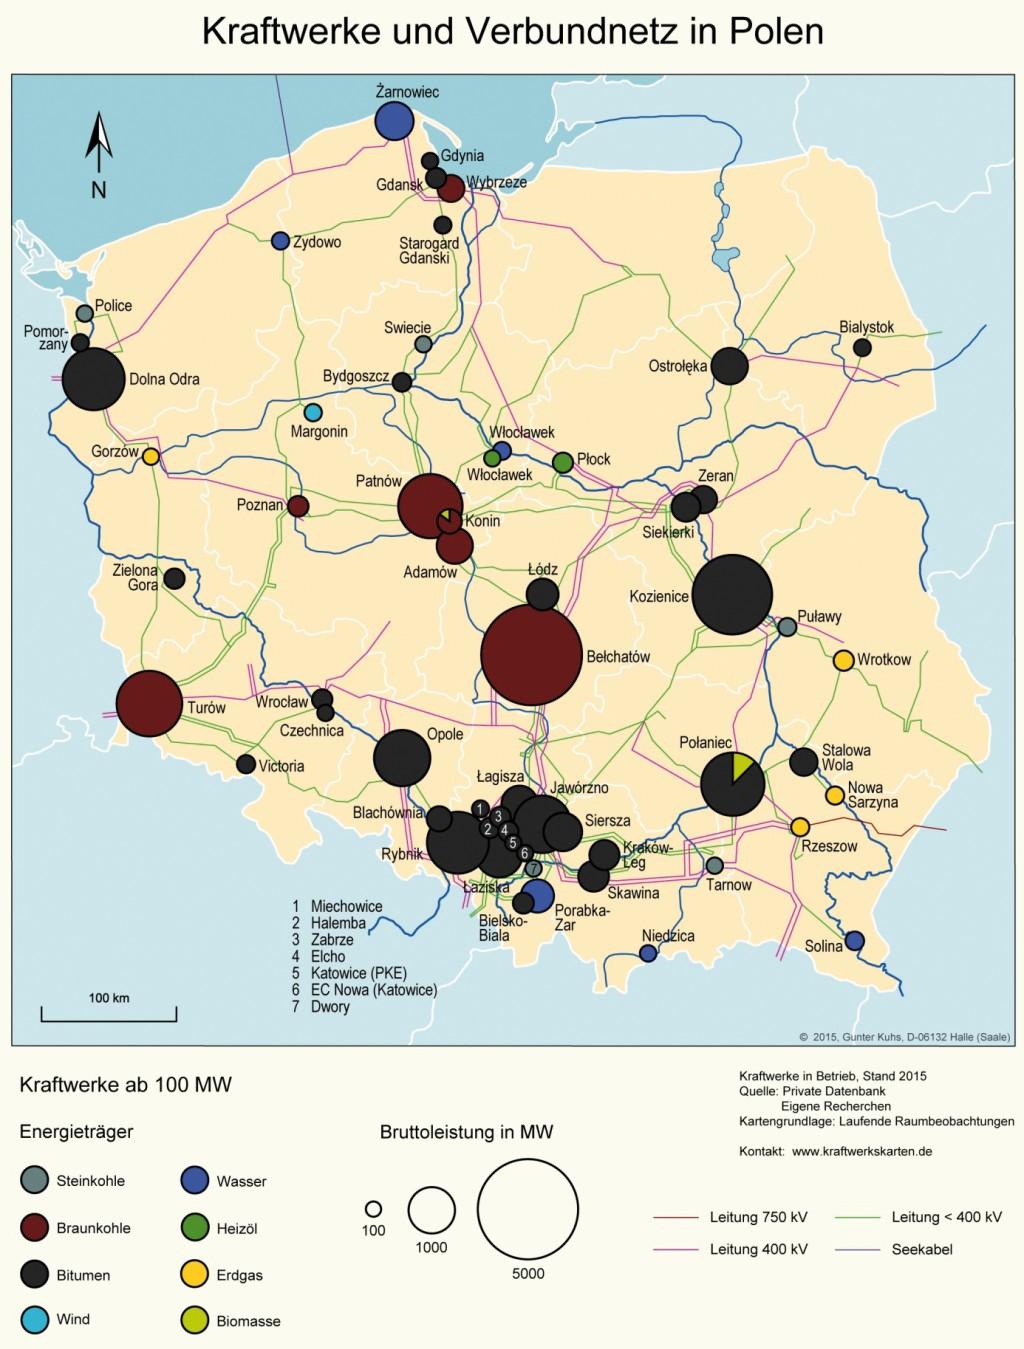 Bild 3 Kraftwerke und Verbundnetz in Polen. Bild: eigene Darstellung